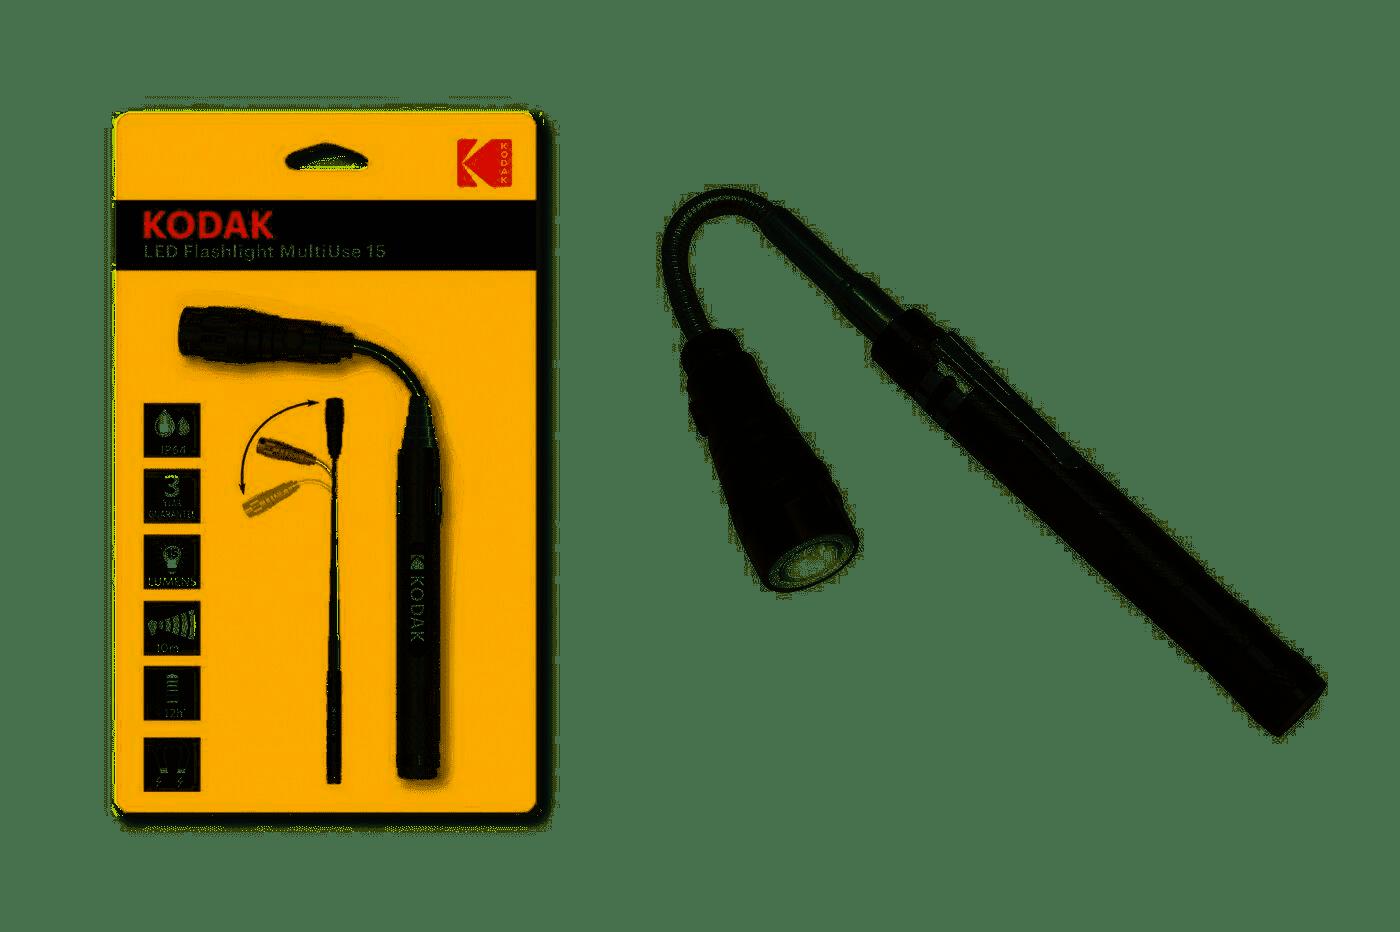 Torcia Kodak 3 LED multiuso 15 lumens 0.6W Penna allungabile flessibile